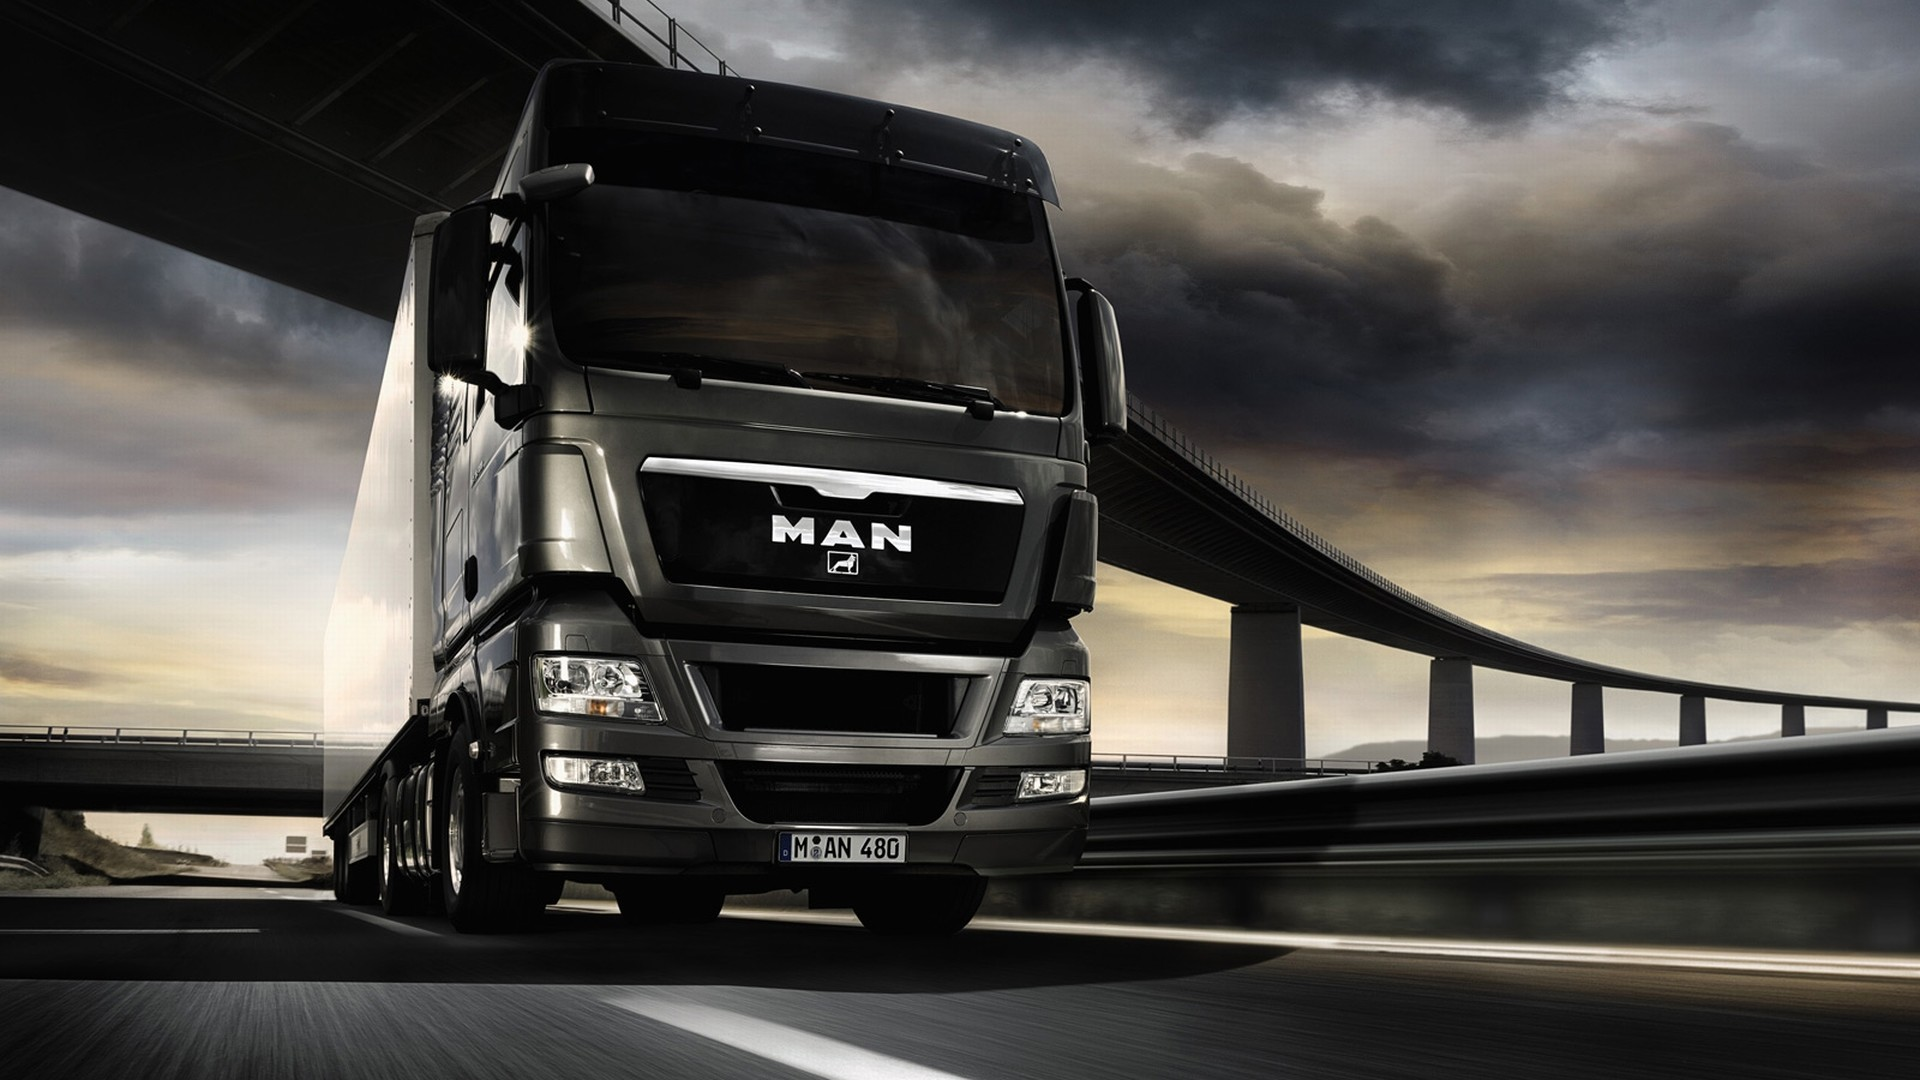 Volvo Truck Photos, Download Volvo Truck Wallpapers, Download Free  1920×1080 Truck Wallpapers